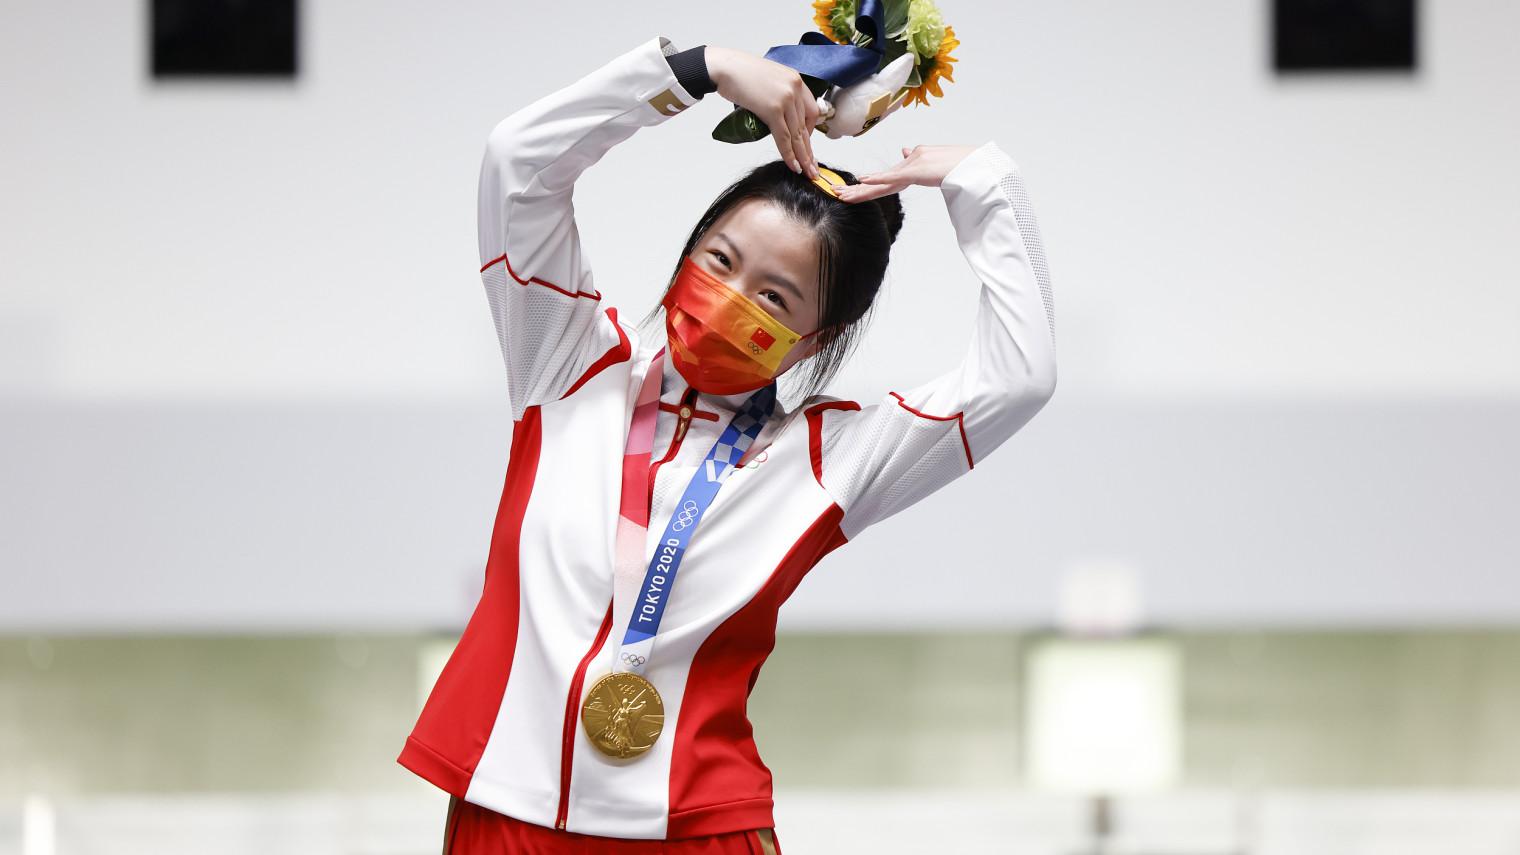 """日销30000单!00后奥运冠军""""杨倩同款""""卖断货了"""